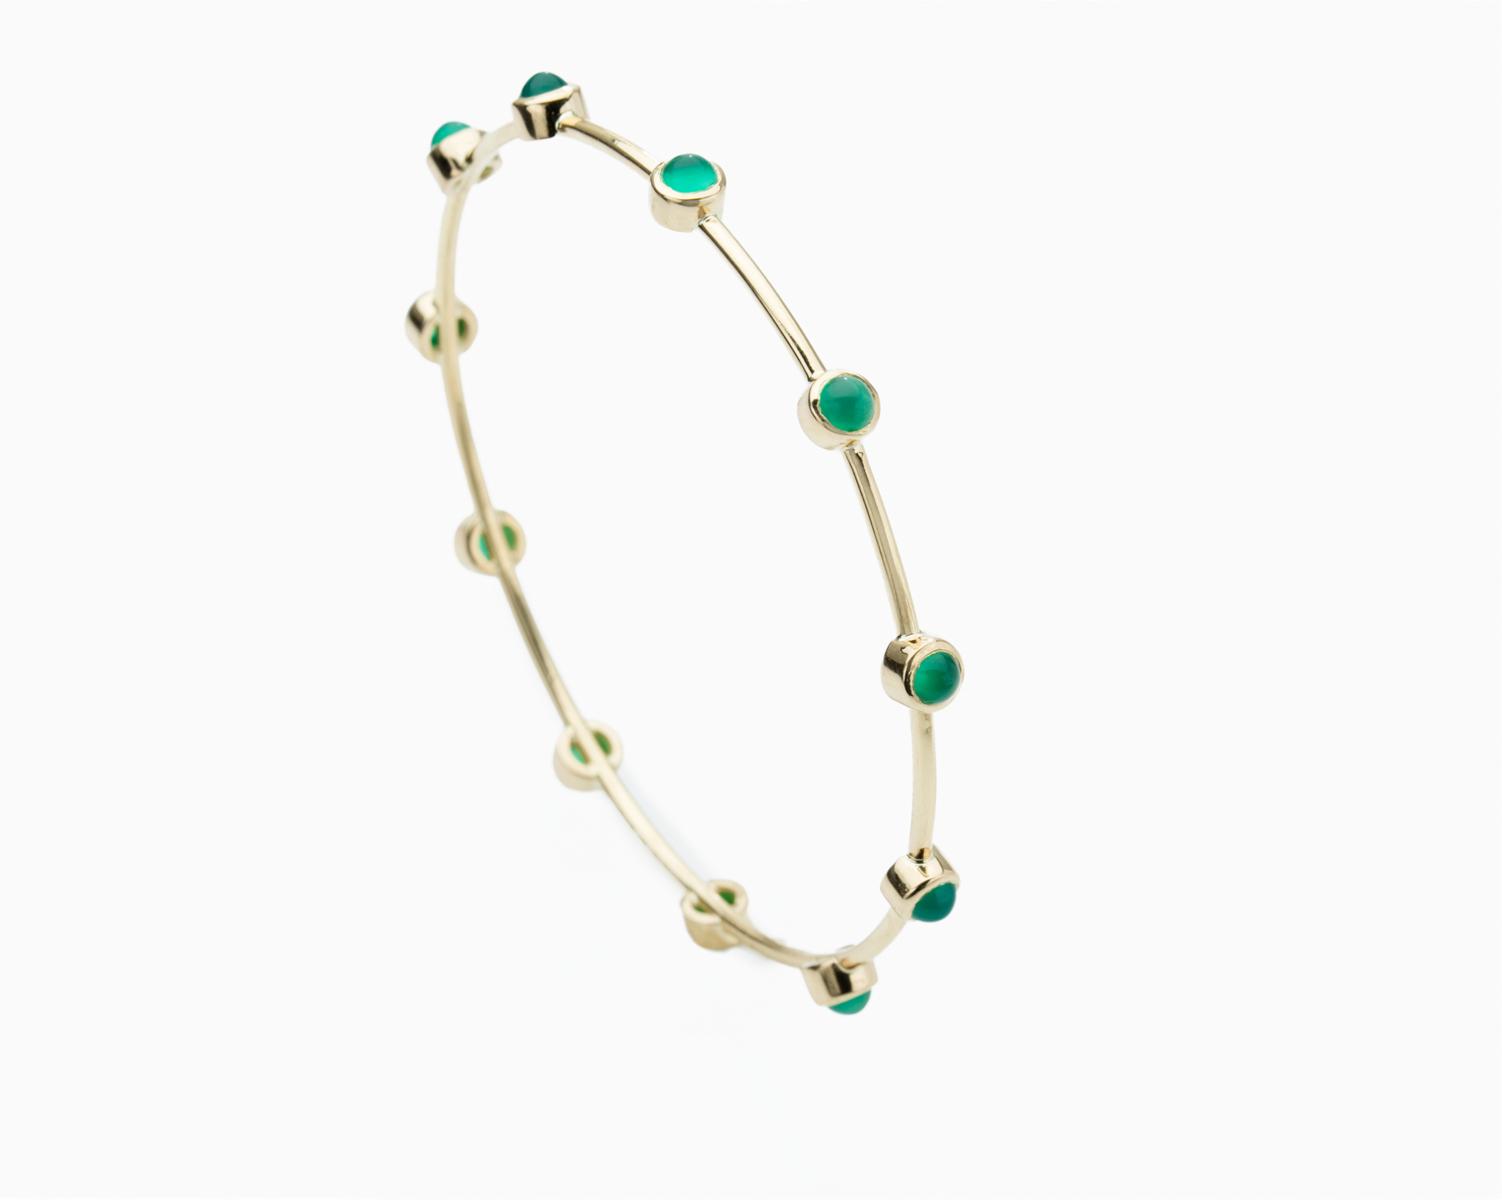 18k Gold Chalcedony Bangle Bracelet